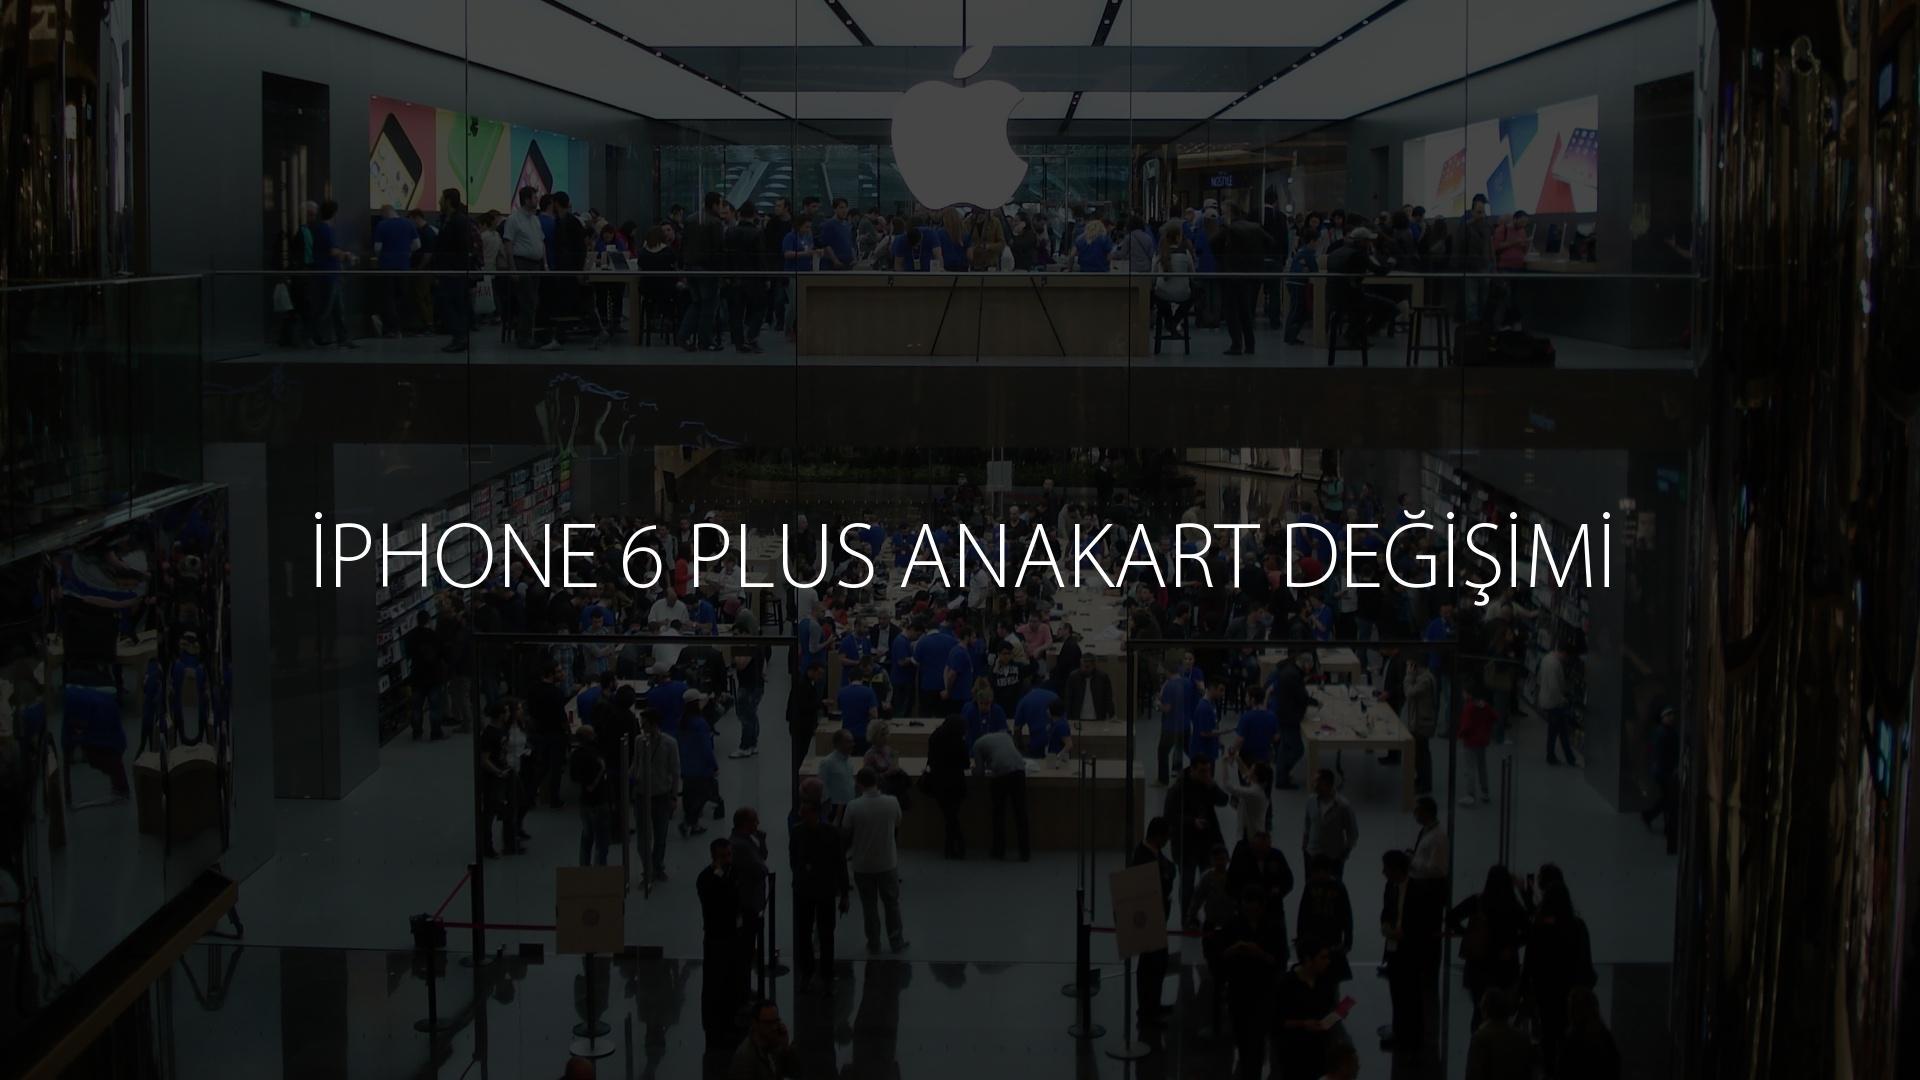 İPHONE 6 PLUS ANAKART DEĞİŞİMİ